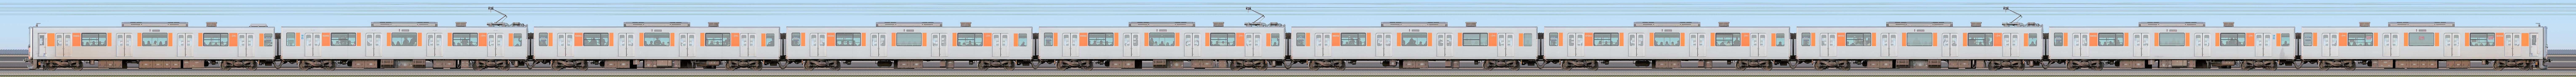 東武50000型51002編成(海側)の編成サイドビュー